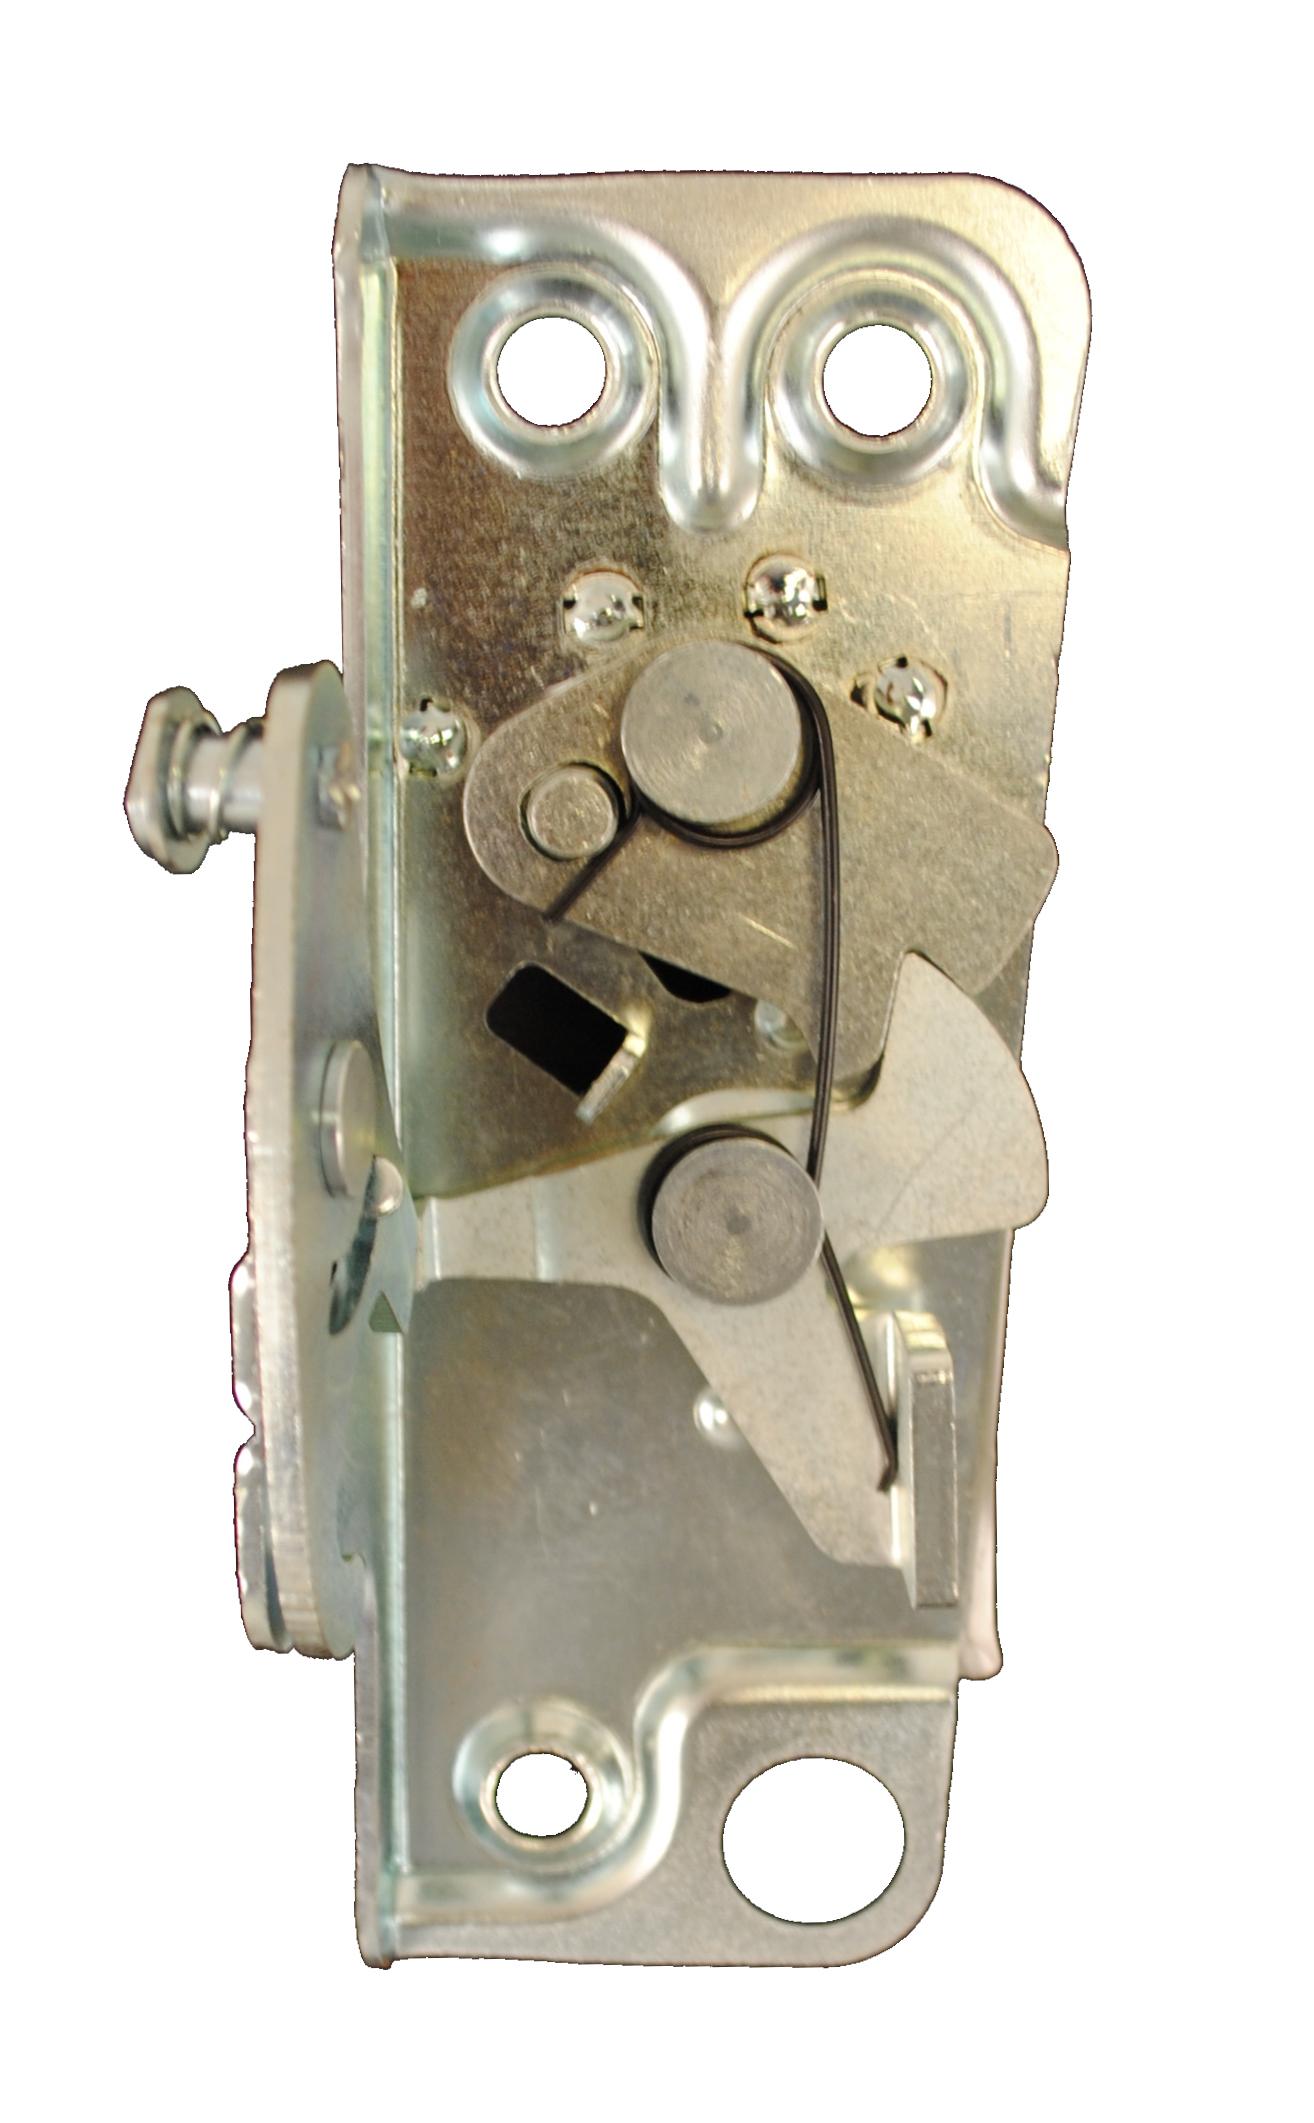 1955-59 C10 door latch assembly 3100/3200/3600 lt